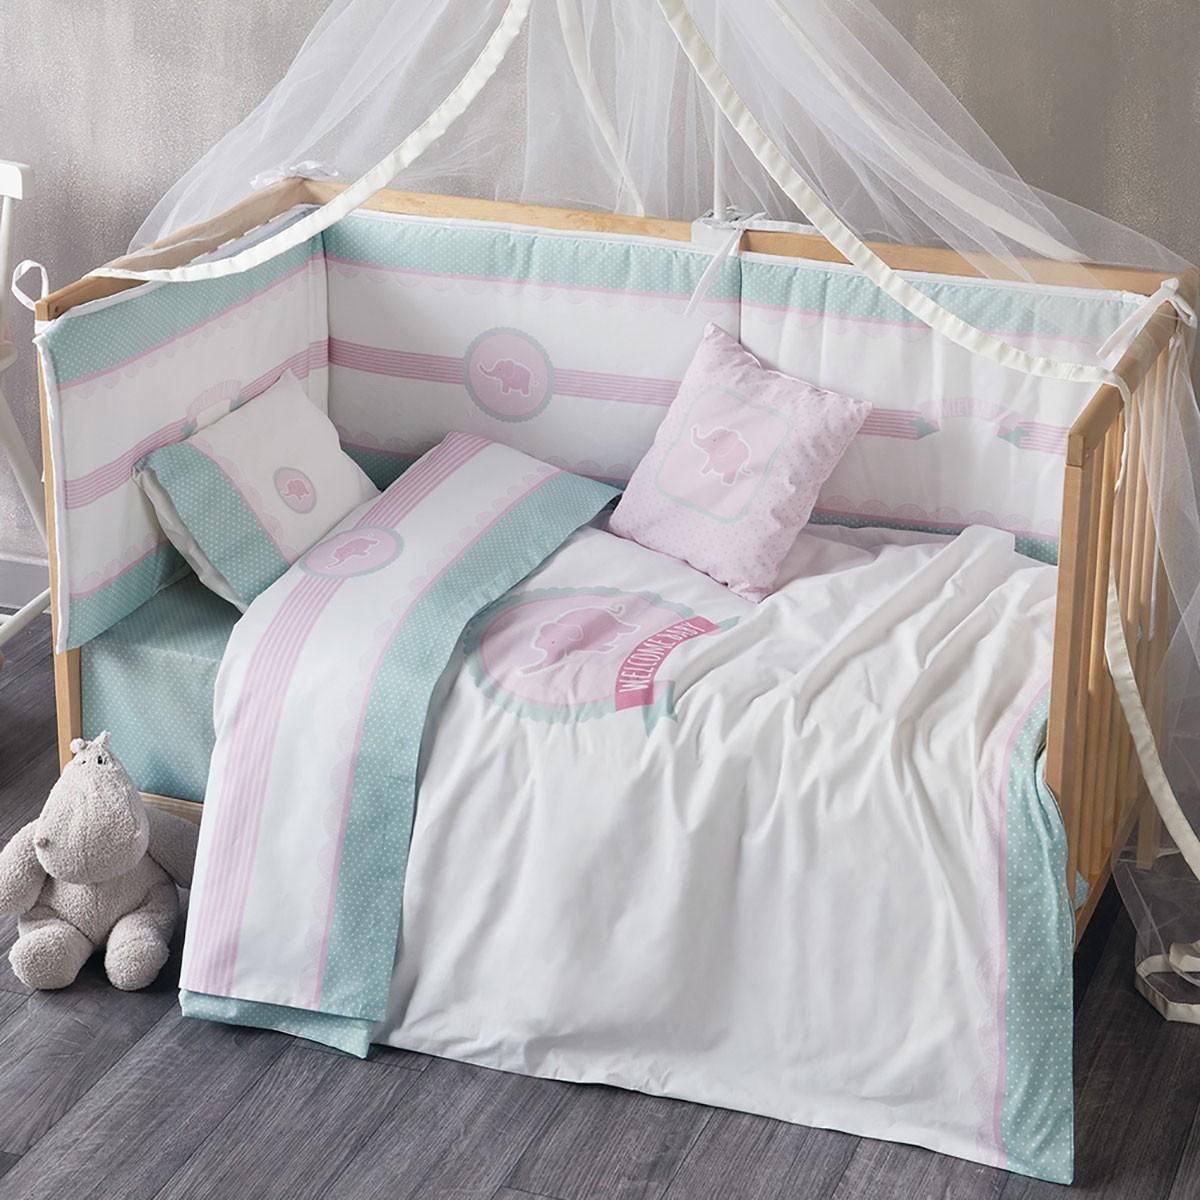 Παπλωματοθήκη Κούνιας (Σετ) Kentia Baby Welcome Baby 14